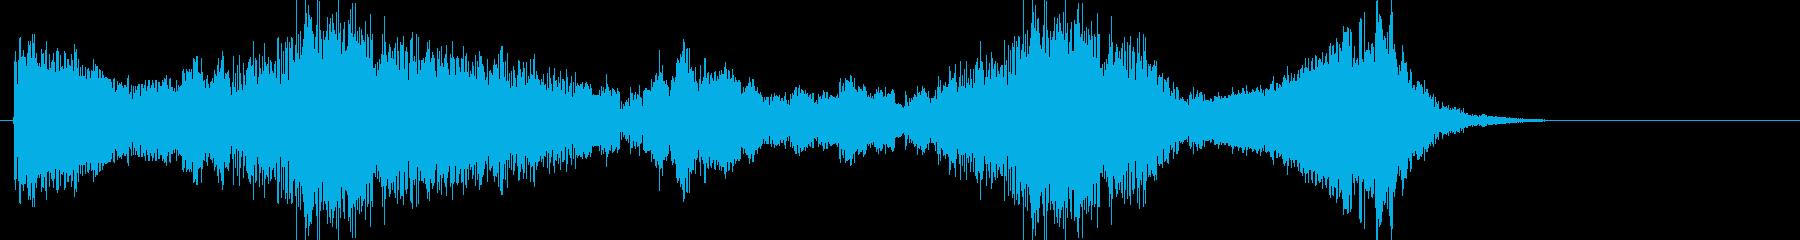 受賞発表時などのドラムロールの再生済みの波形